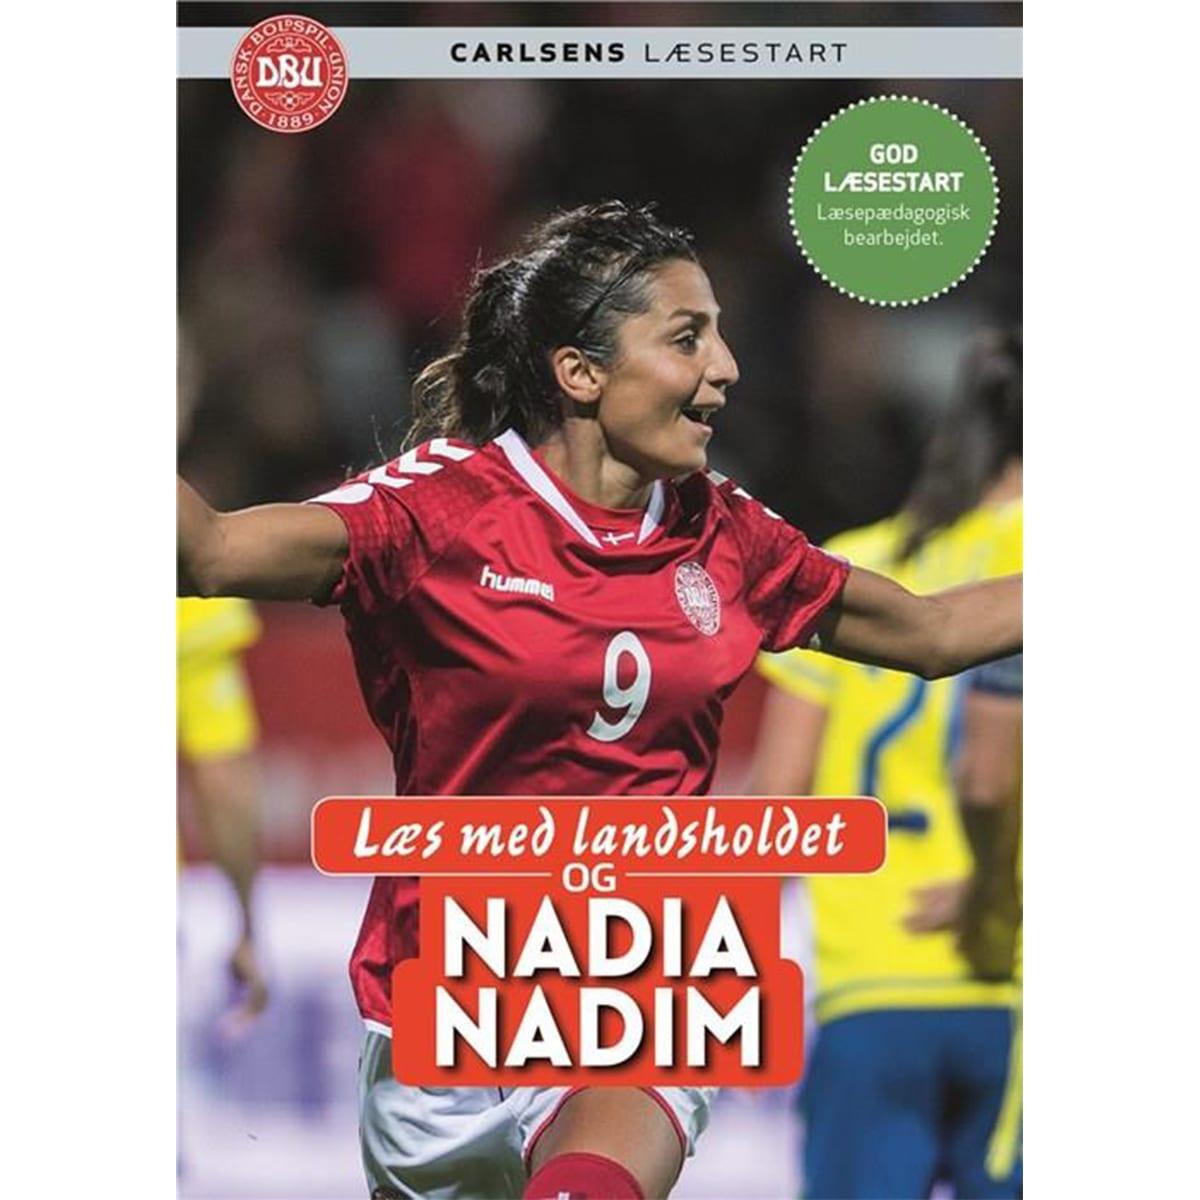 Af Nadia Nadim & Ole Sønnichsen